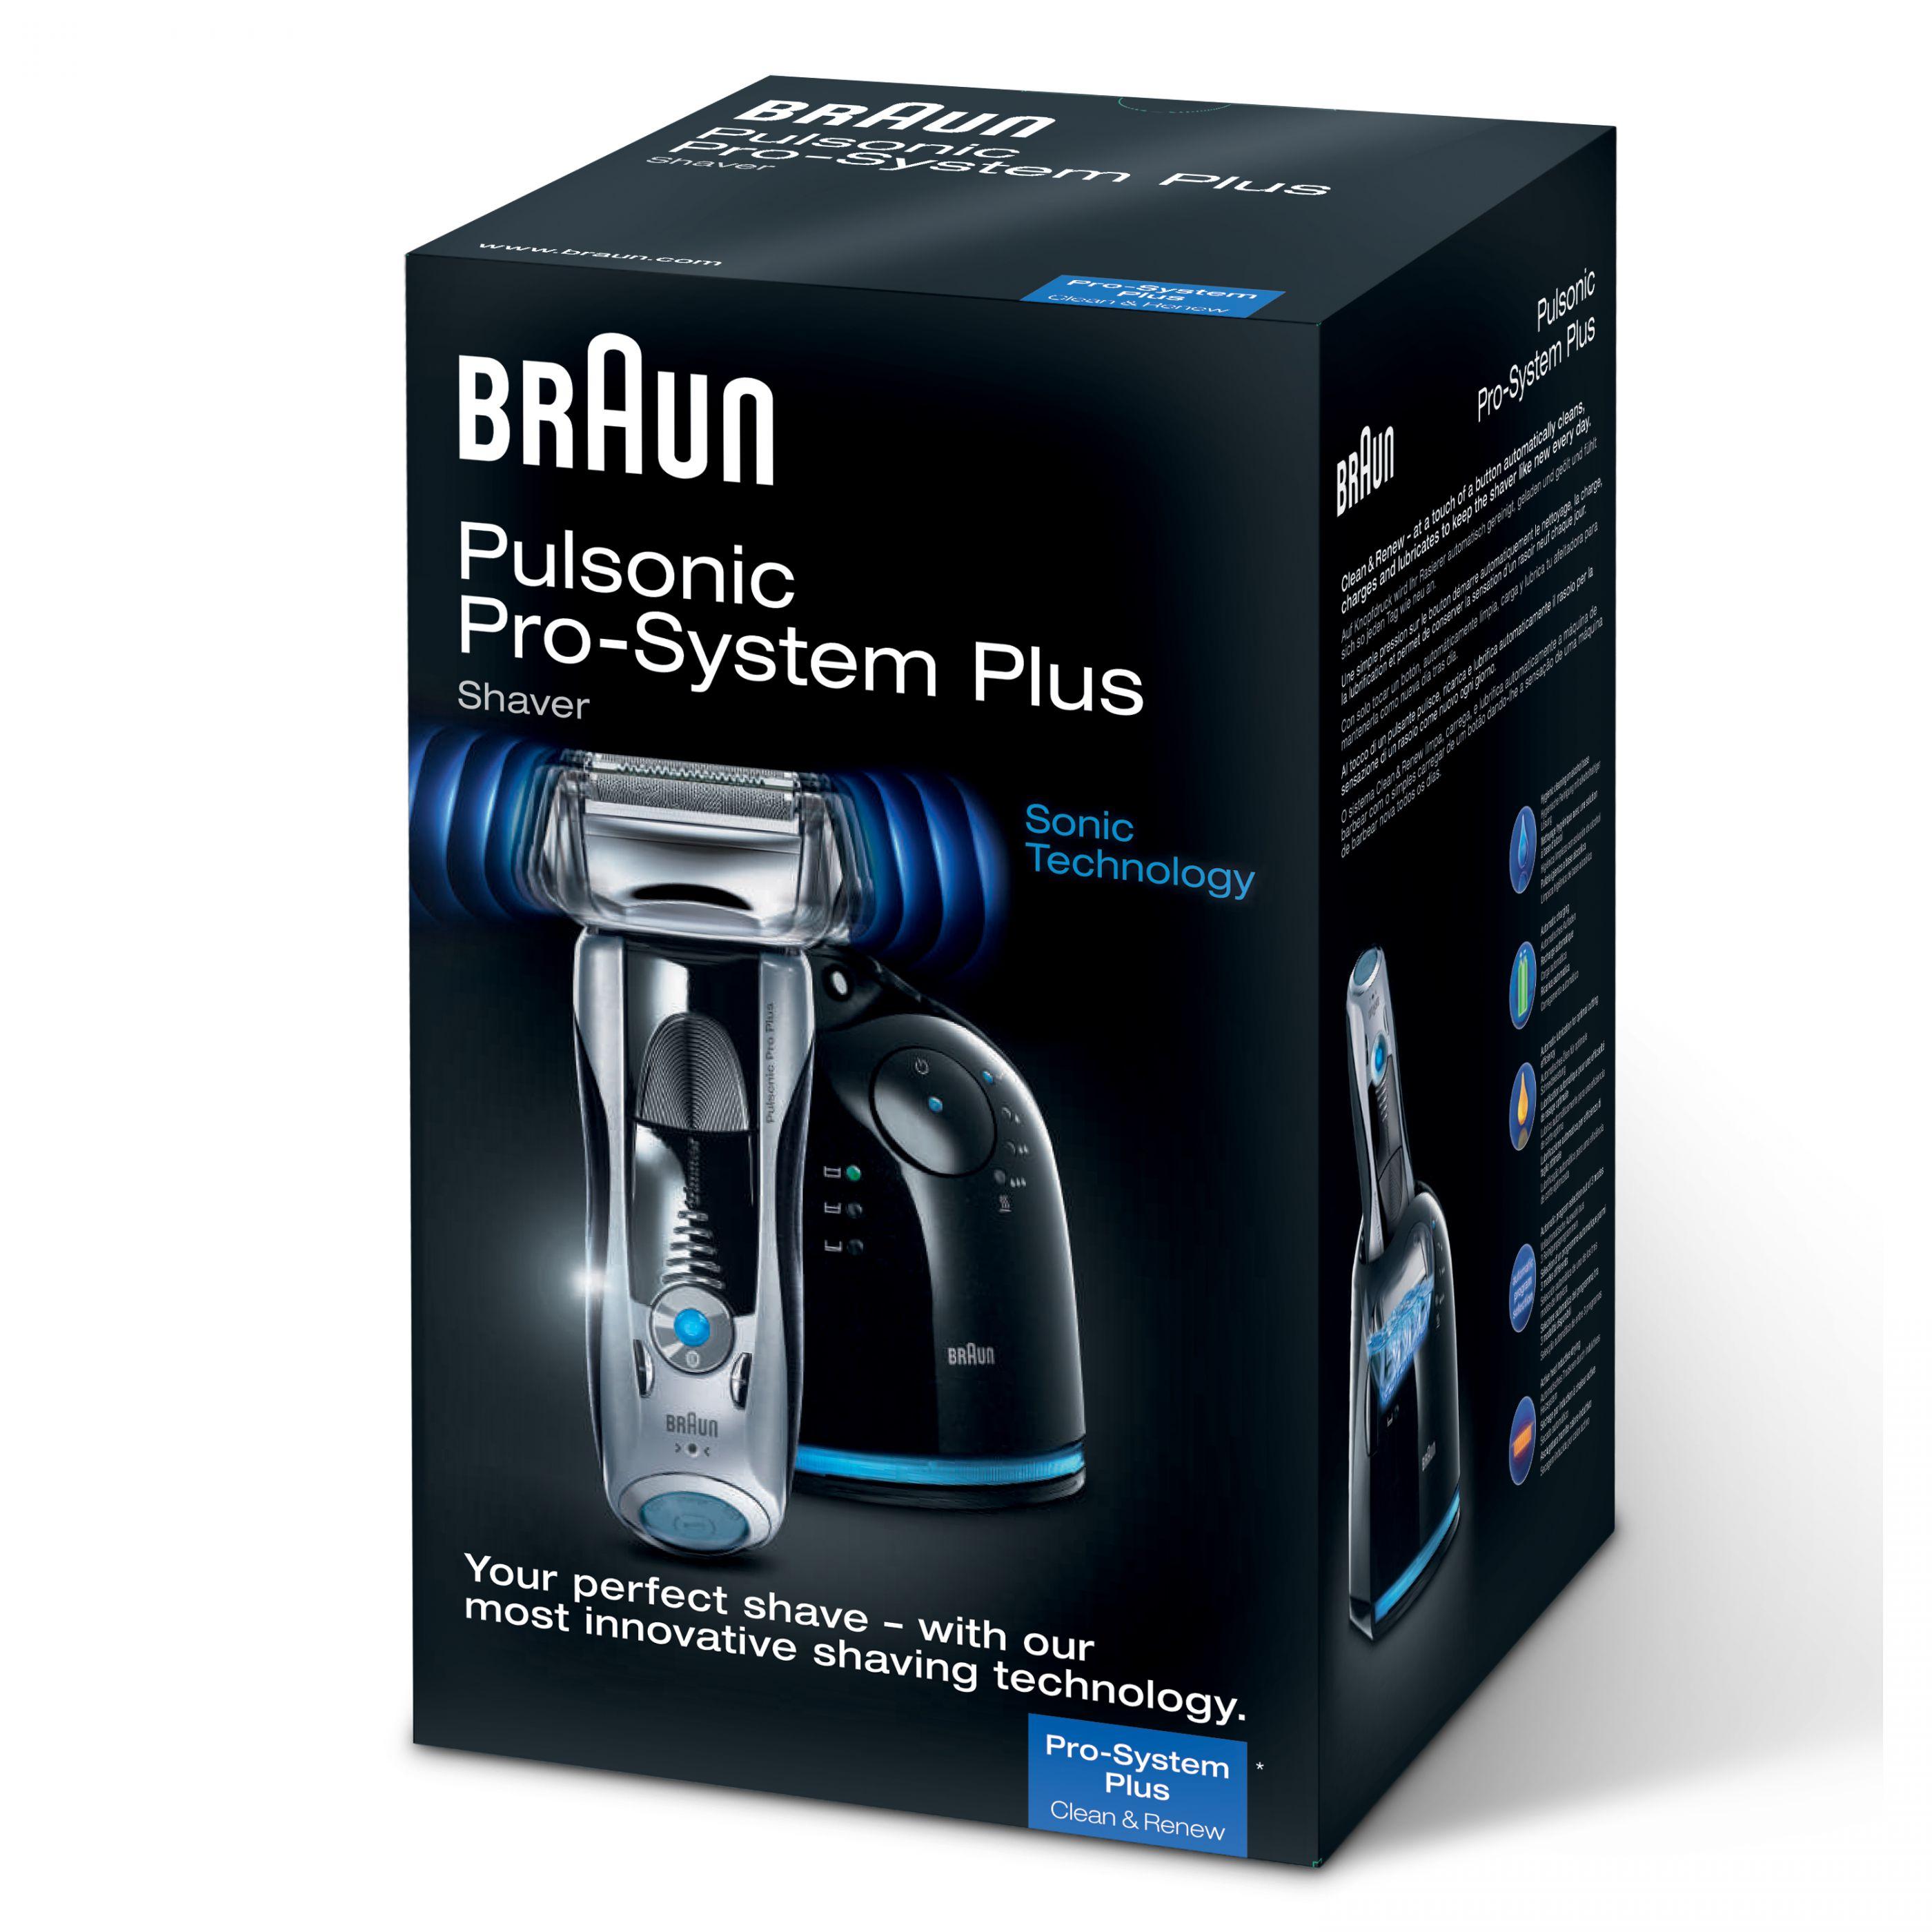 BRAUN Pulsonic Pro 745cc-3 Herrenrasierer für eff. 71 €